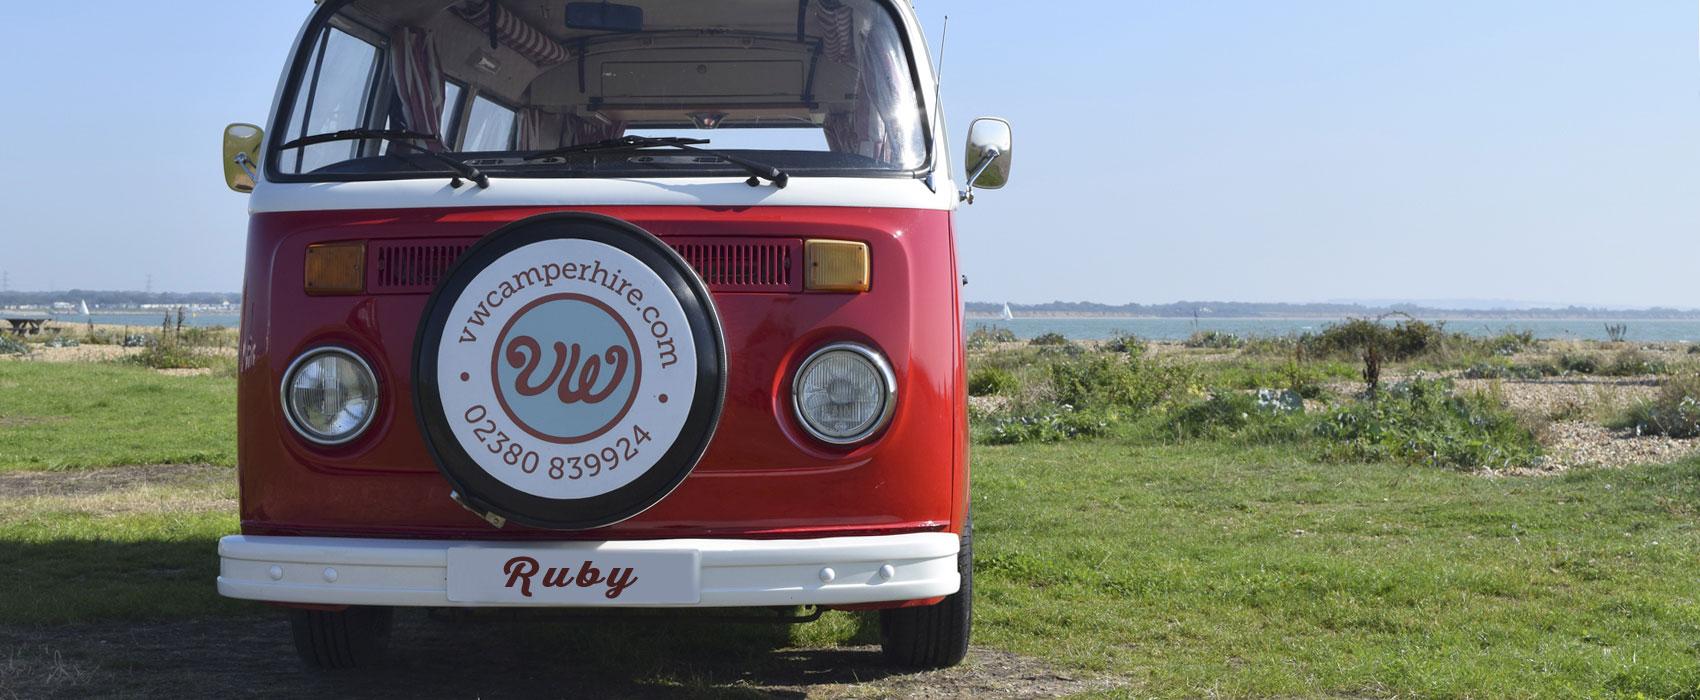 Ruby Campervan